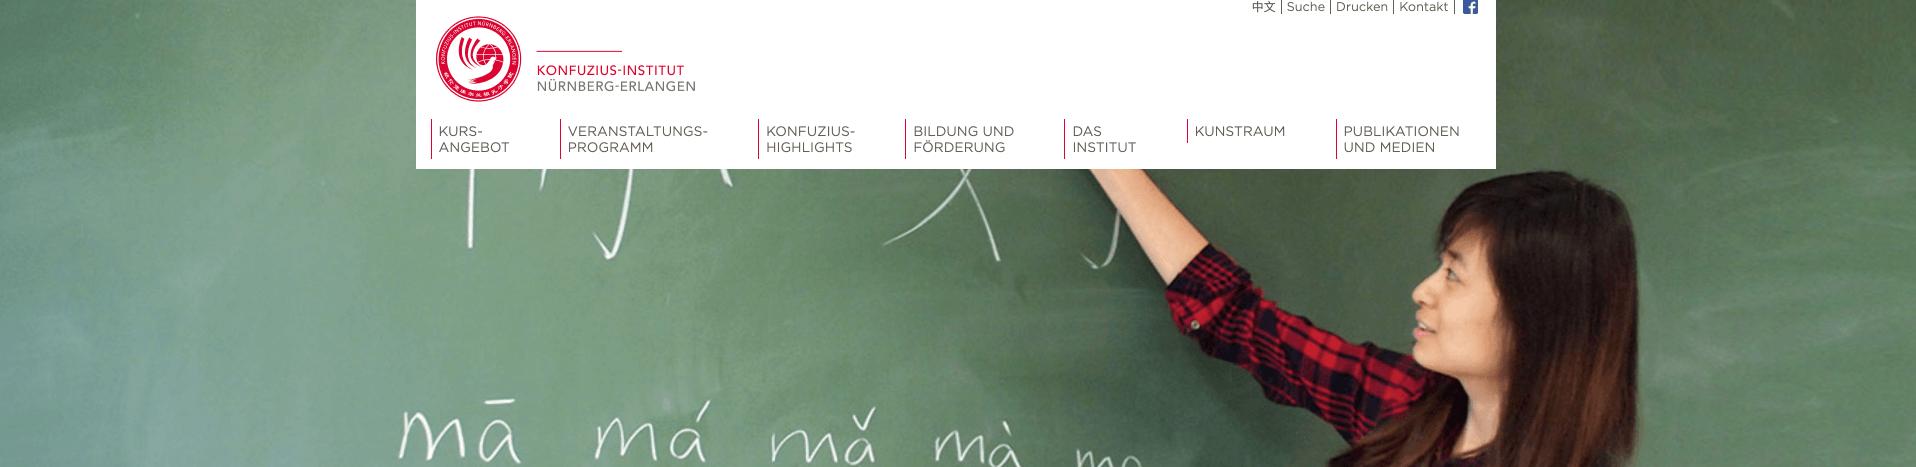 Webseite, Konfuzius-Institut Nürnberg-Erlangen, Screenshot